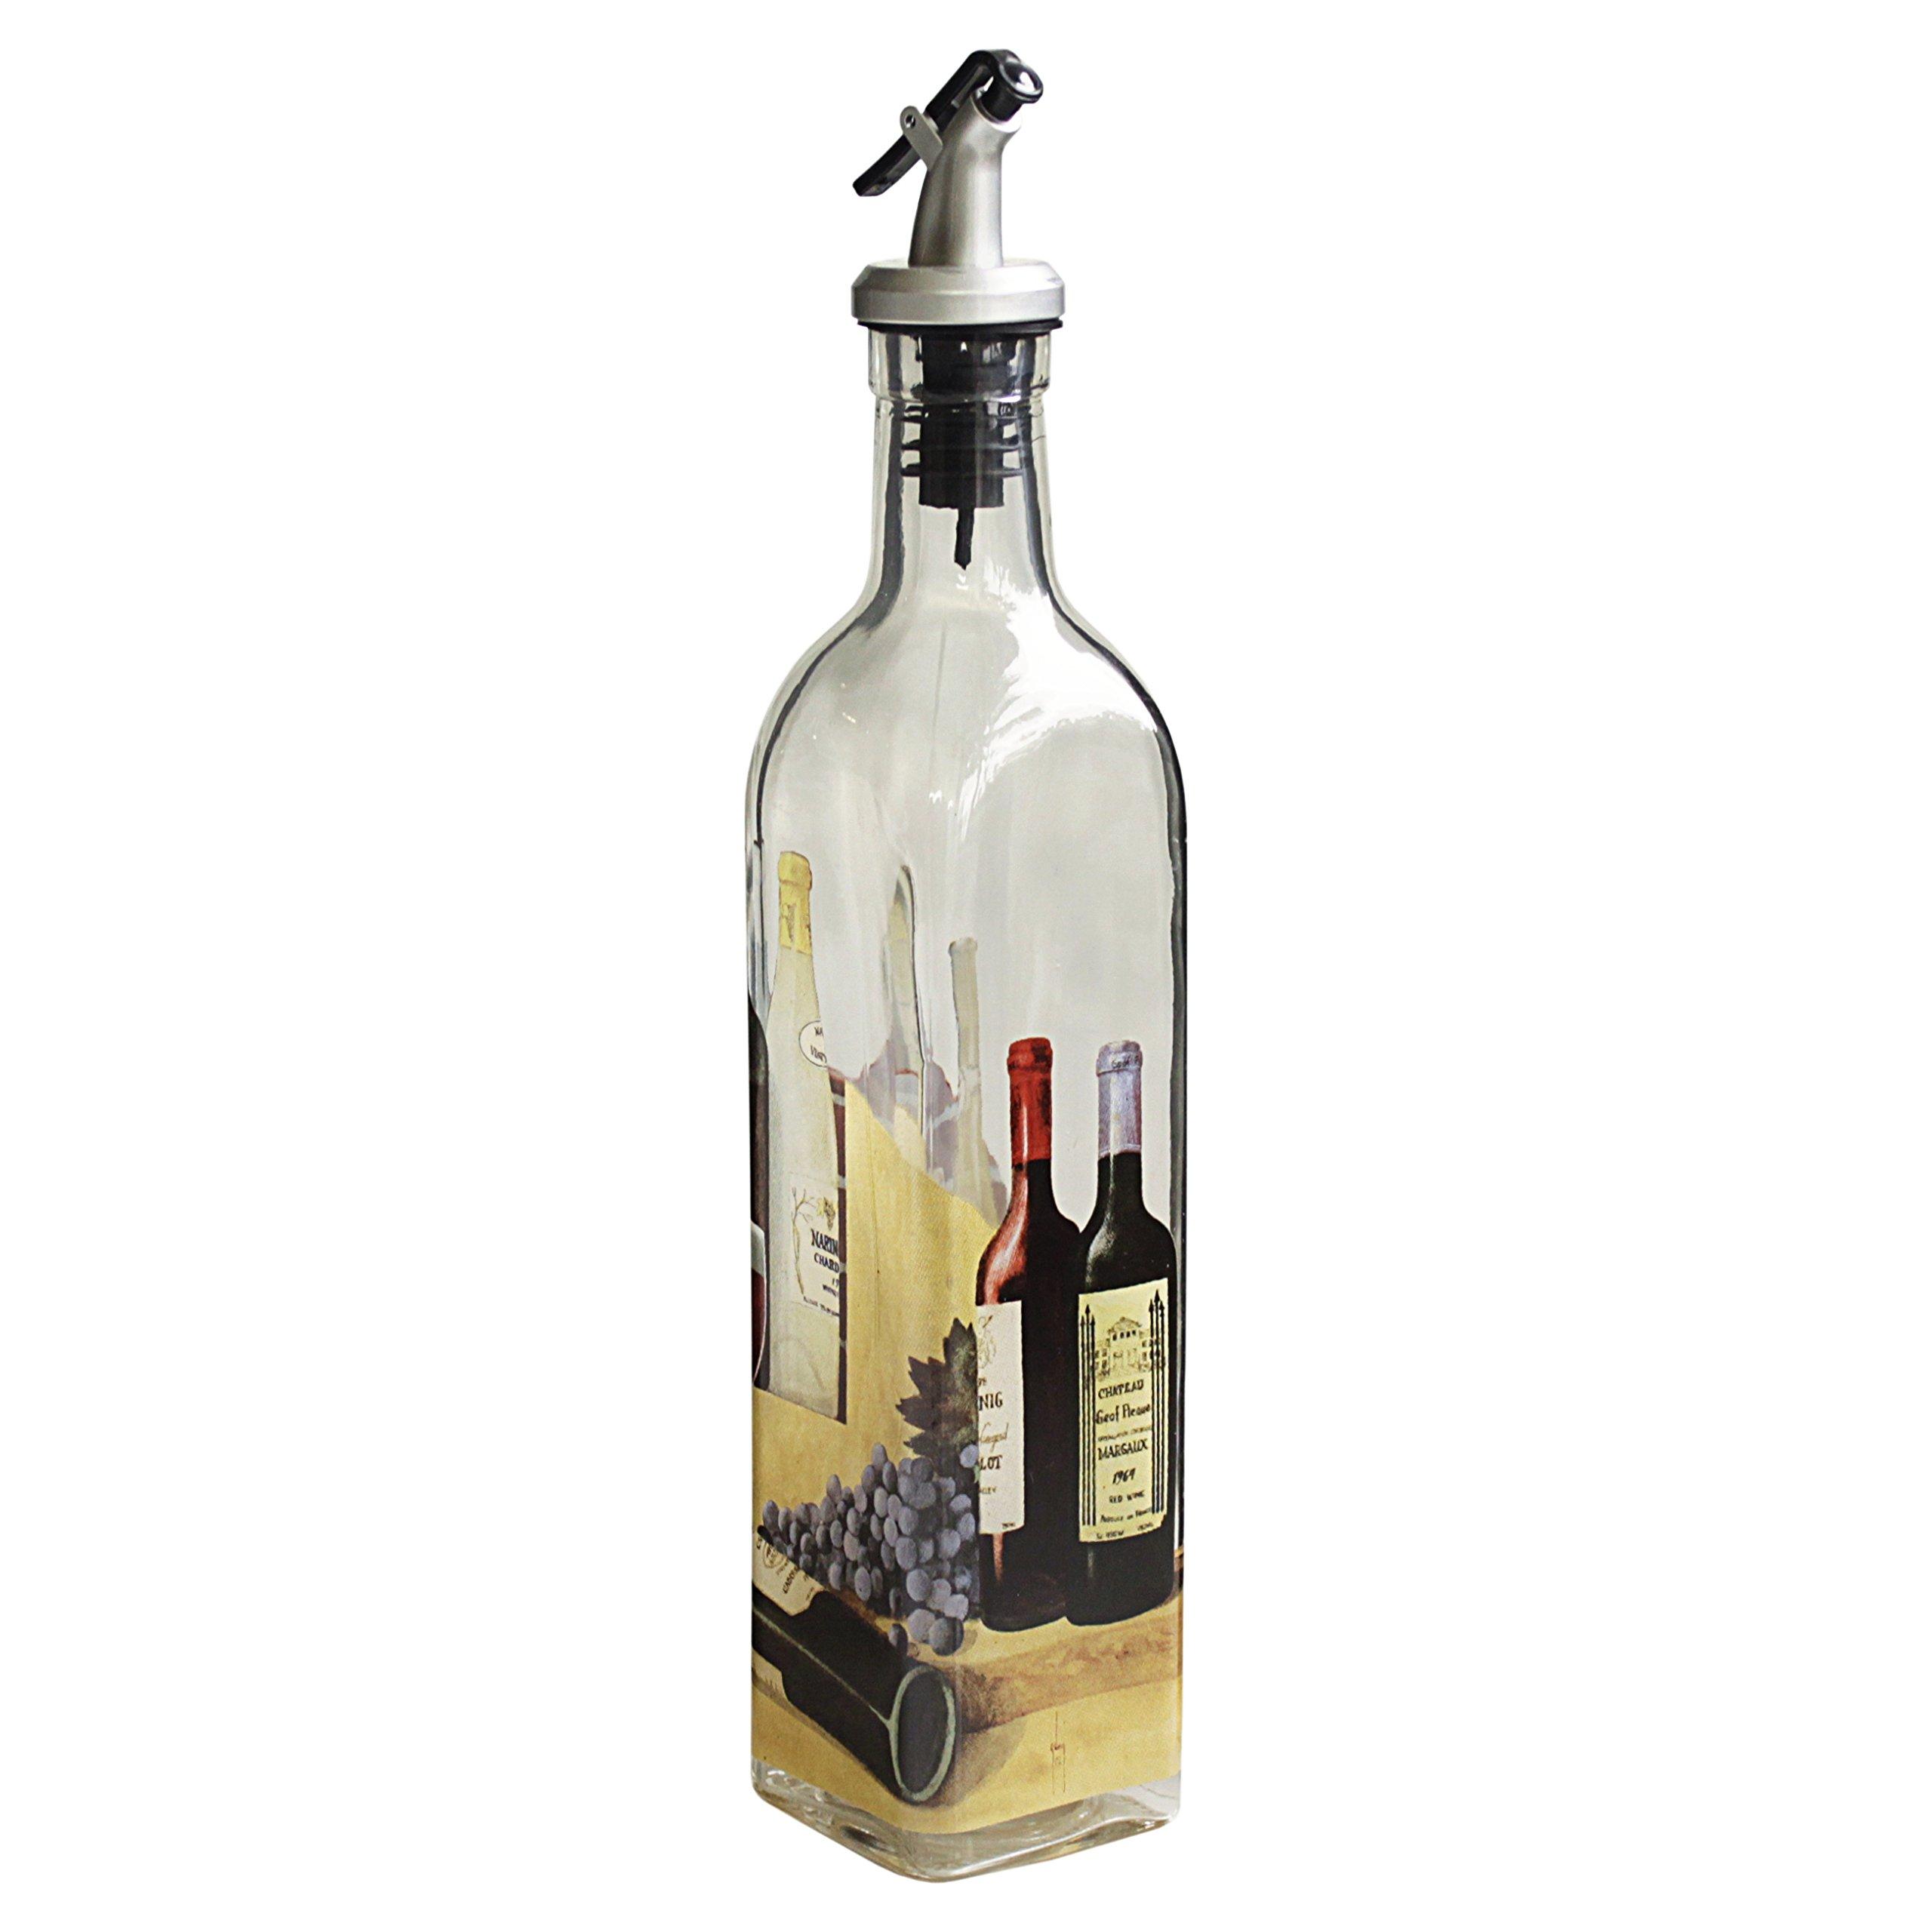 Grant Howard Wine & Cheese Theme Oil and Vinegar Glass Cruet , 16 oz, Multicolored